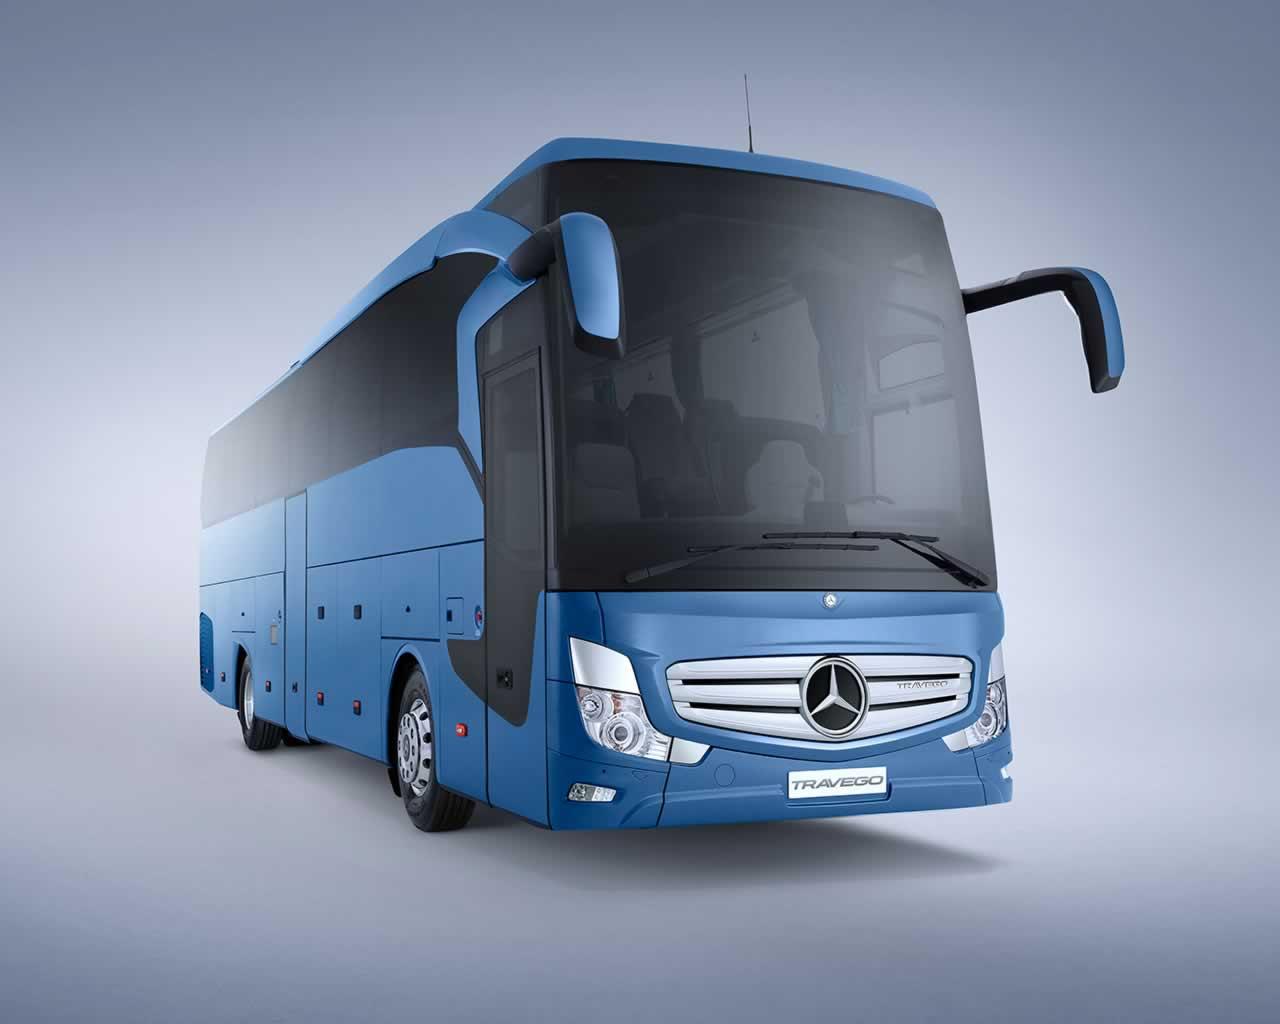 2017 Yeni Kasa Mercedes Travego Teknik Özellikleri ve ...